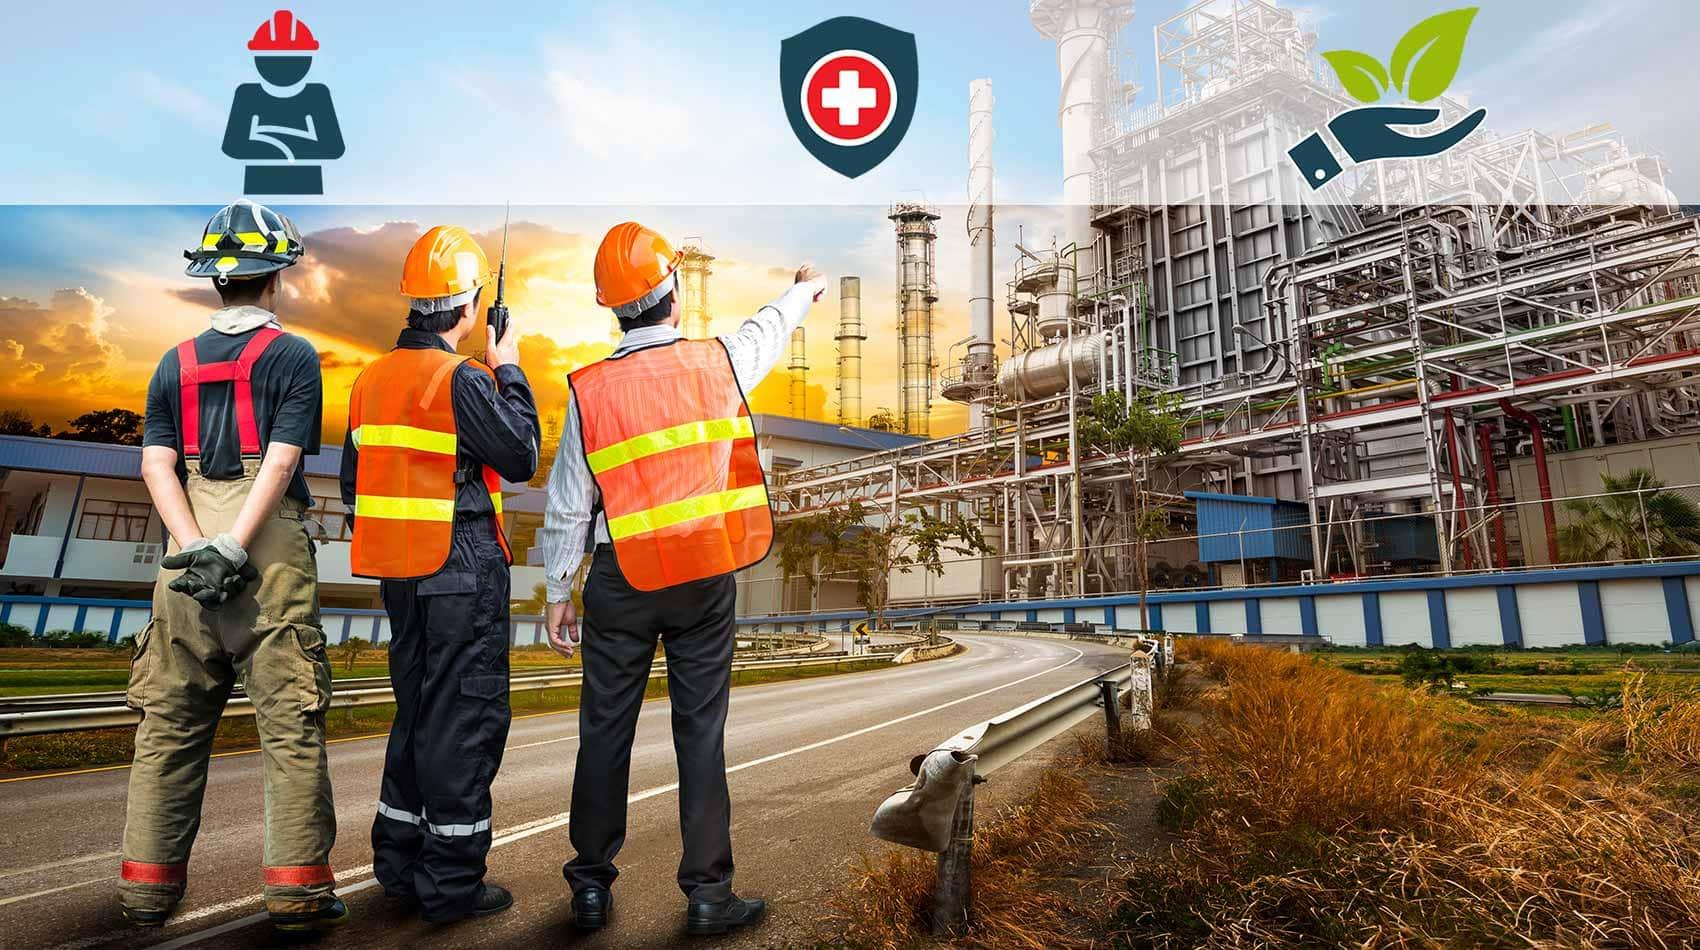 Diplomado Internacional Gestión de Seguridad, Salud y Medio Ambiente para el Sector Industrial